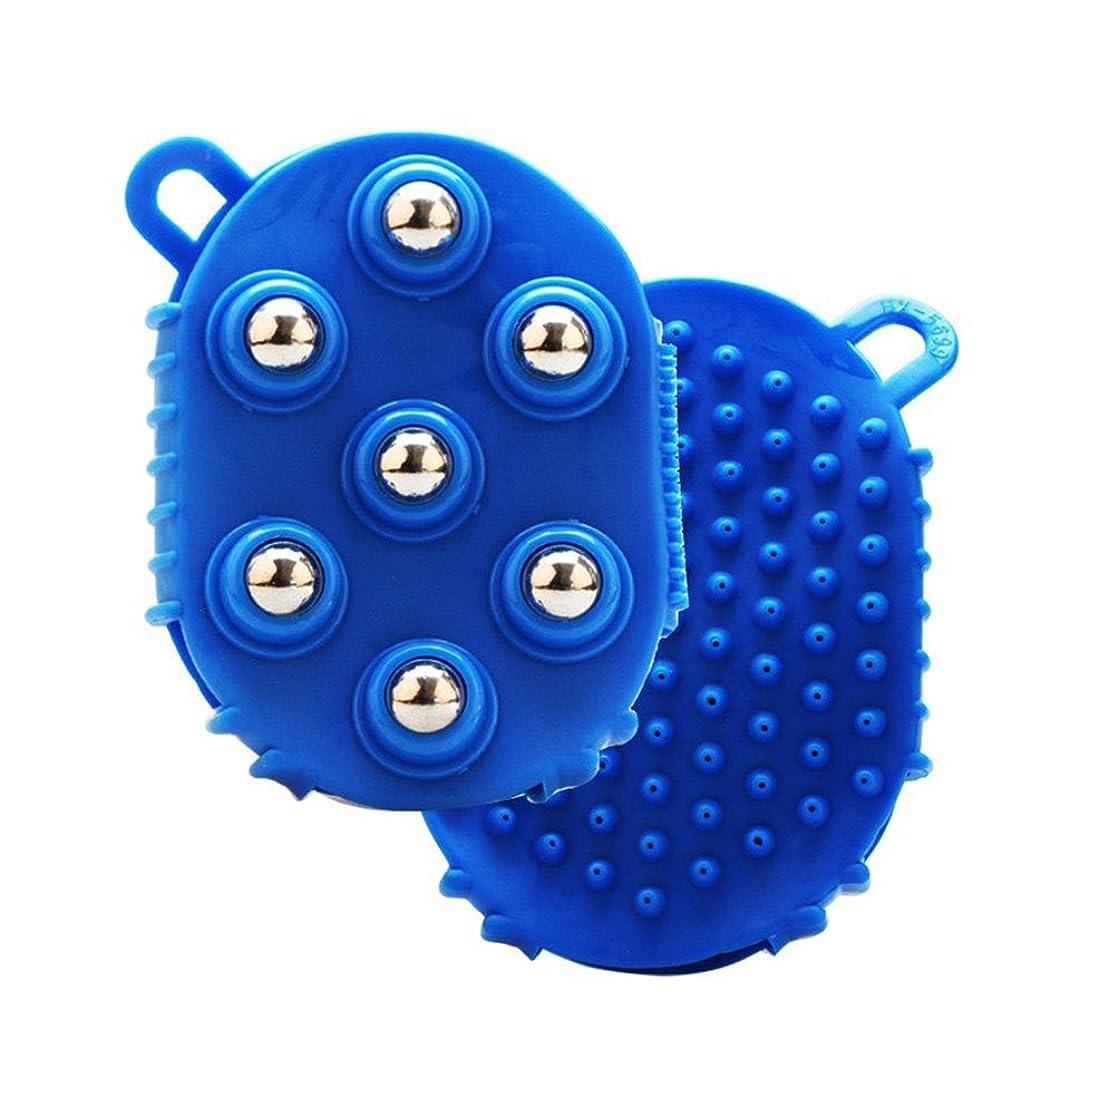 ところで蛾極めて重要なROSENICE マッサージブラシ7痛みの筋肉の痛みを軽減するための金属ローラーボールボディマッサージャー(ブルー)